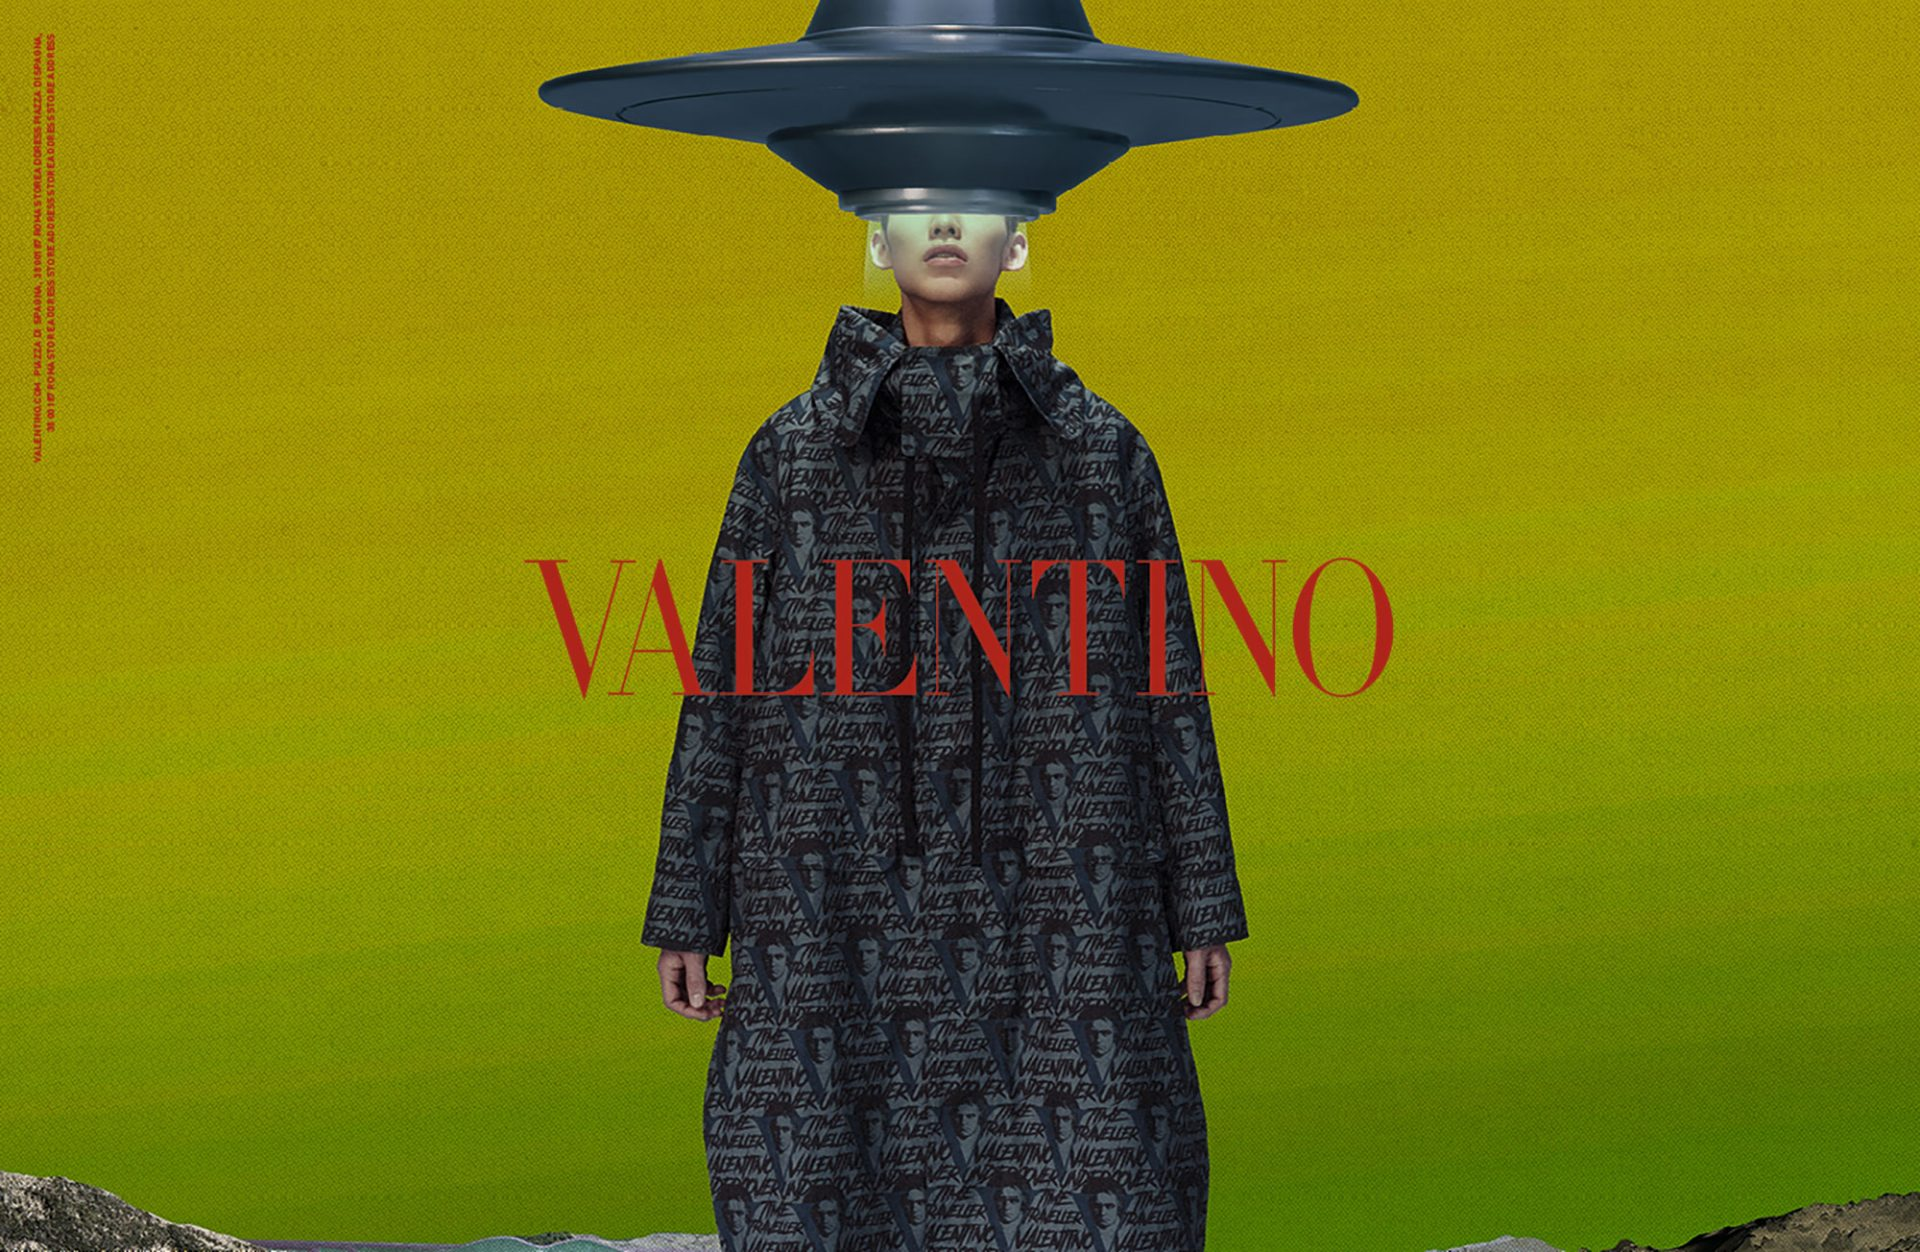 「UNDERCOVER PRODUCTION」が手がけたヴァレンティノ2019-20秋冬メンズコレクションのキャンペーン © Valentino